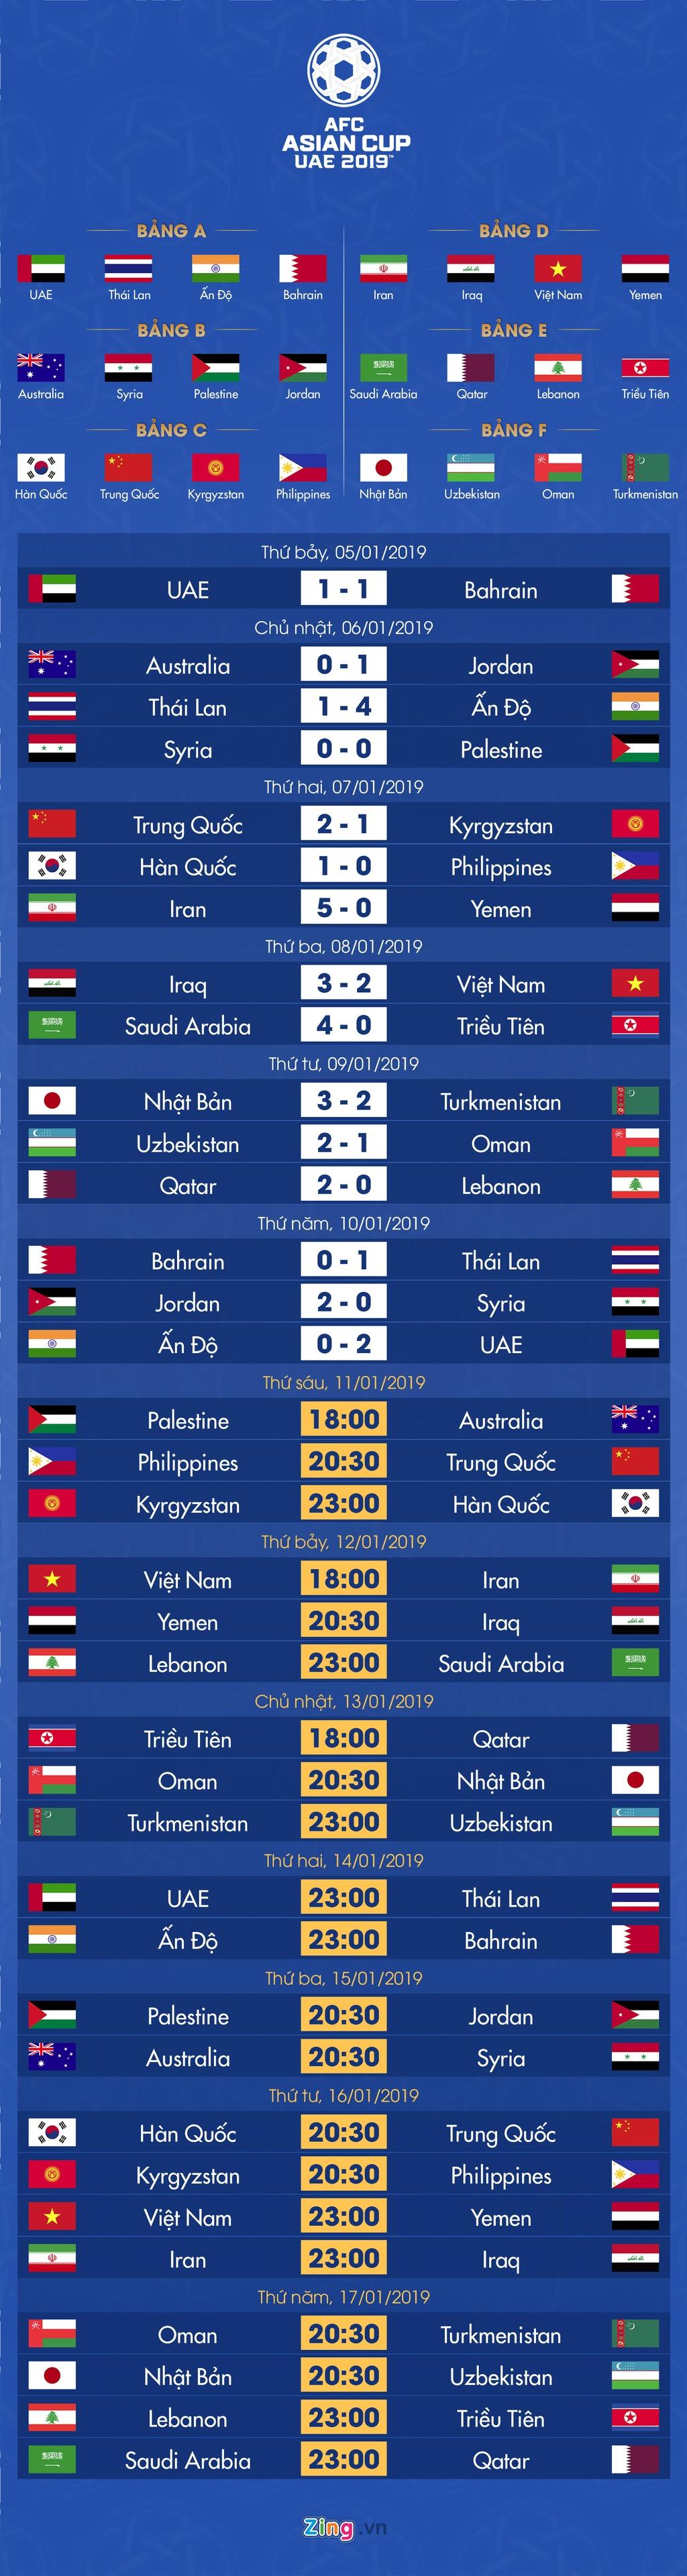 Lich thi dau va bang xep hang Asian Cup 2019 ngay 11/1 hinh anh 1